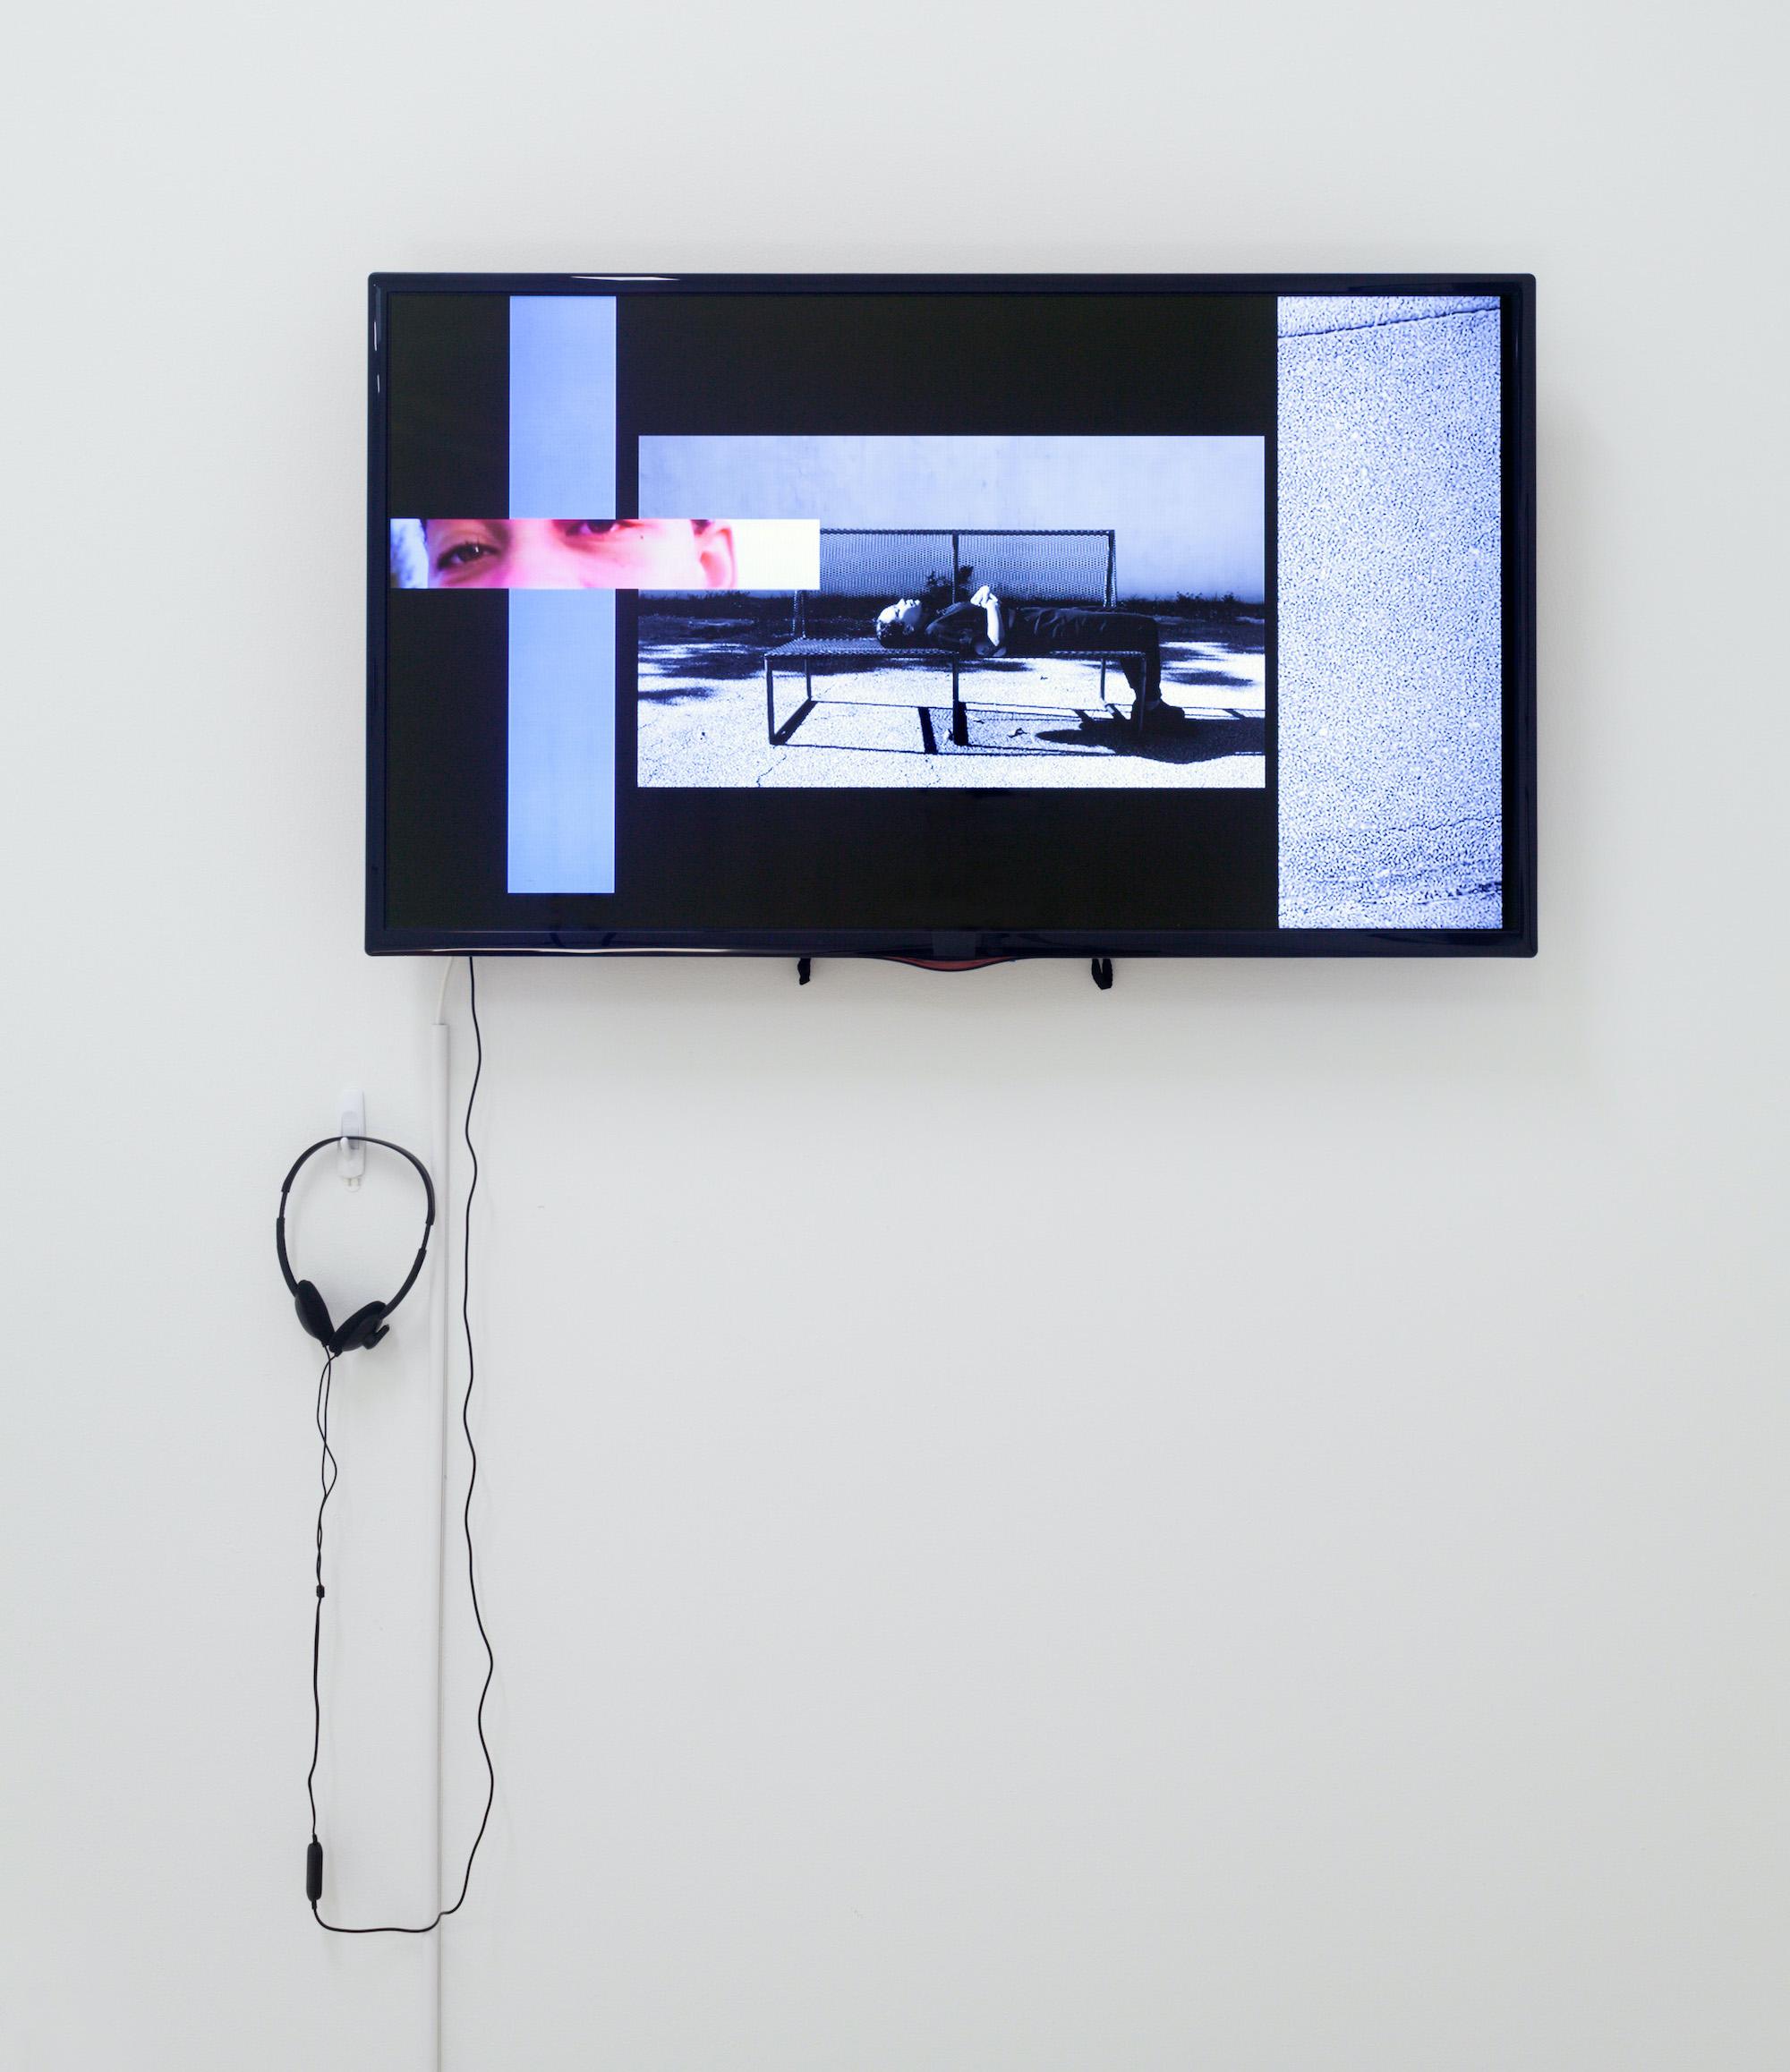 GeoVanna Gonzalez, Exotic Naps, 2020, Digital video with sound, 3:59 duration, Emerson Dorsch, Miami FL (1)